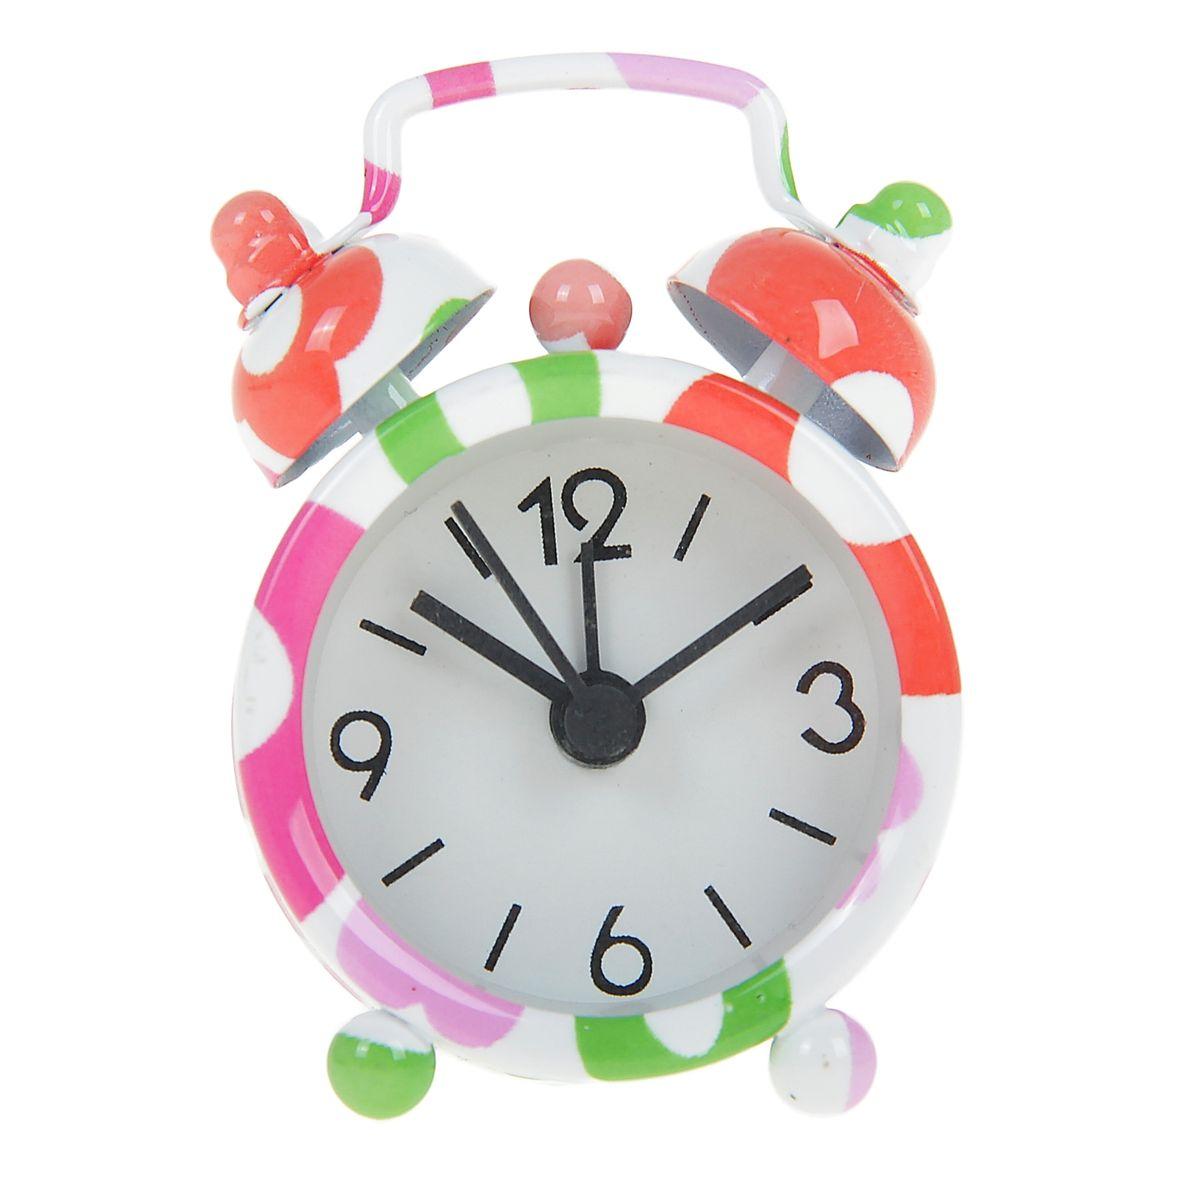 Часы-будильник Sima-land Полевые цветы839686Как же сложно иногда вставать вовремя! Всегда так хочется поспать еще хотя бы 5 минут и бывает, что мы просыпаем. Теперь этого не случится! Яркий, оригинальный будильник Sima-land Полевые цветы поможет вам всегда вставать в нужное время и успевать везде и всюду. Будильник украсит вашу комнату и приведет в восхищение друзей. Эта уменьшенная версия привычного будильника умещается на ладони и работает так же громко, как и привычные аналоги. Время показывает точно и будит в установленный час.На задней панели будильника расположены переключатель включения/выключения механизма, а также два колесика для настройки текущего времени и времени звонка будильника.Будильник работает от 1 батарейки типа LR44 (входит в комплект).